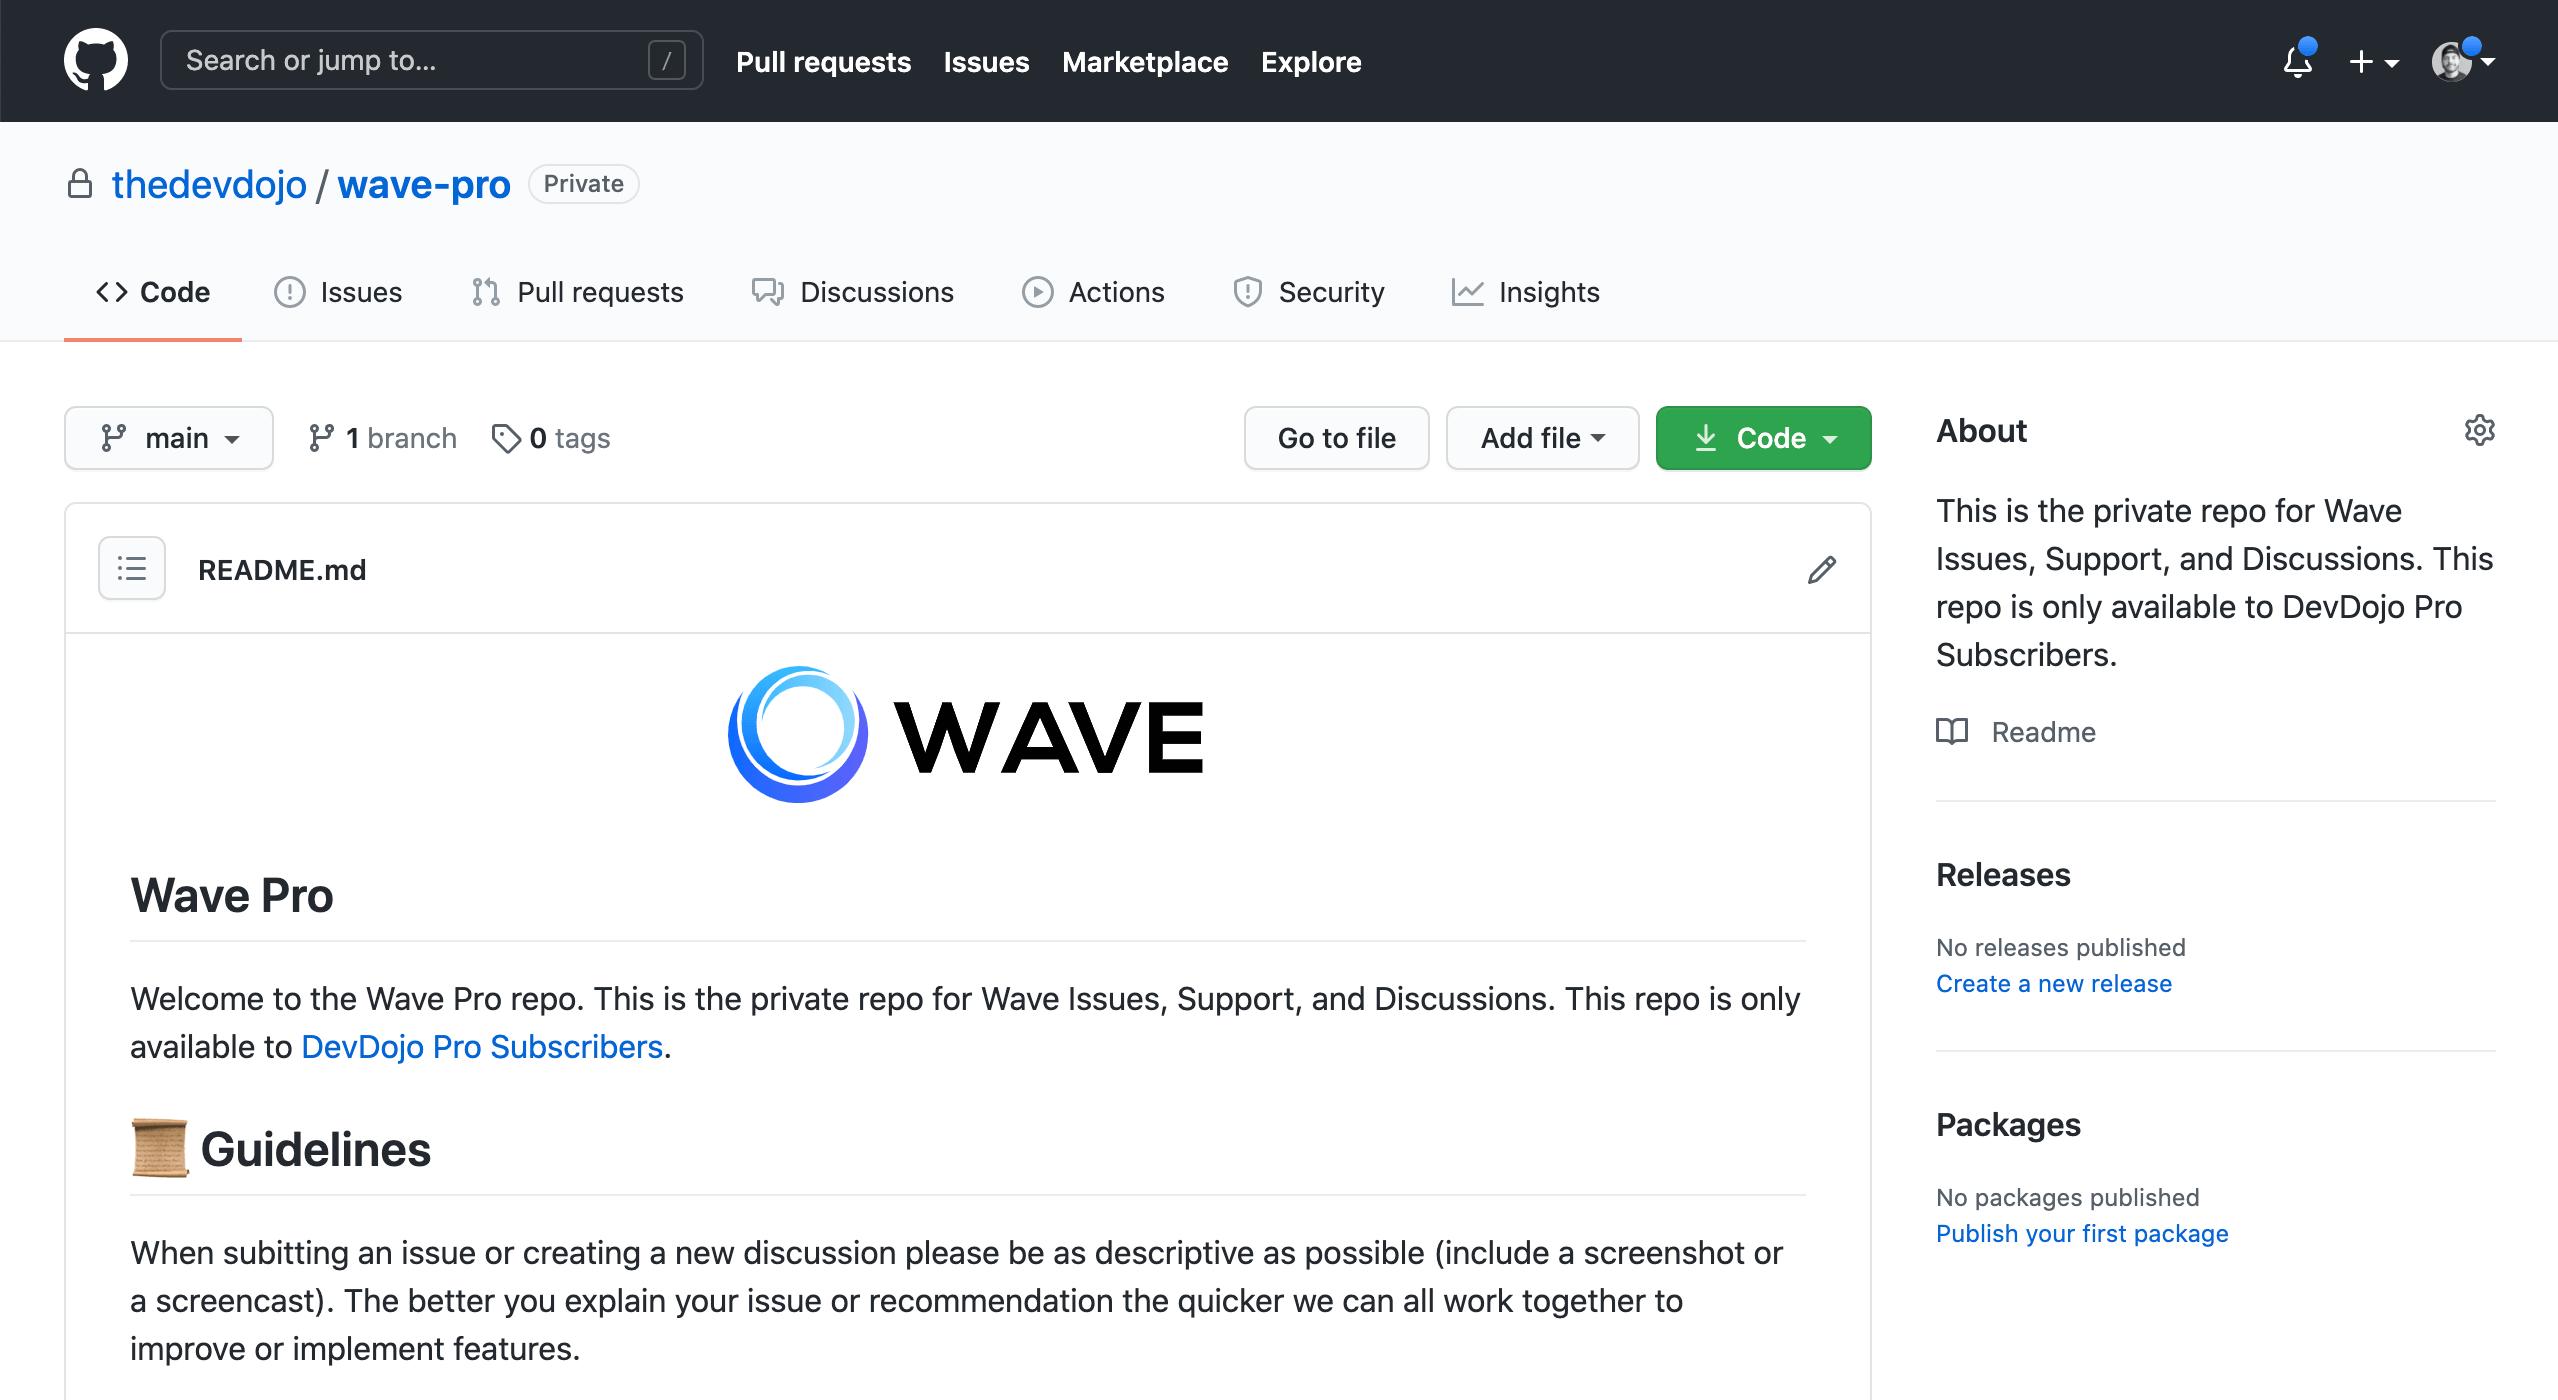 Wave Pro Repo